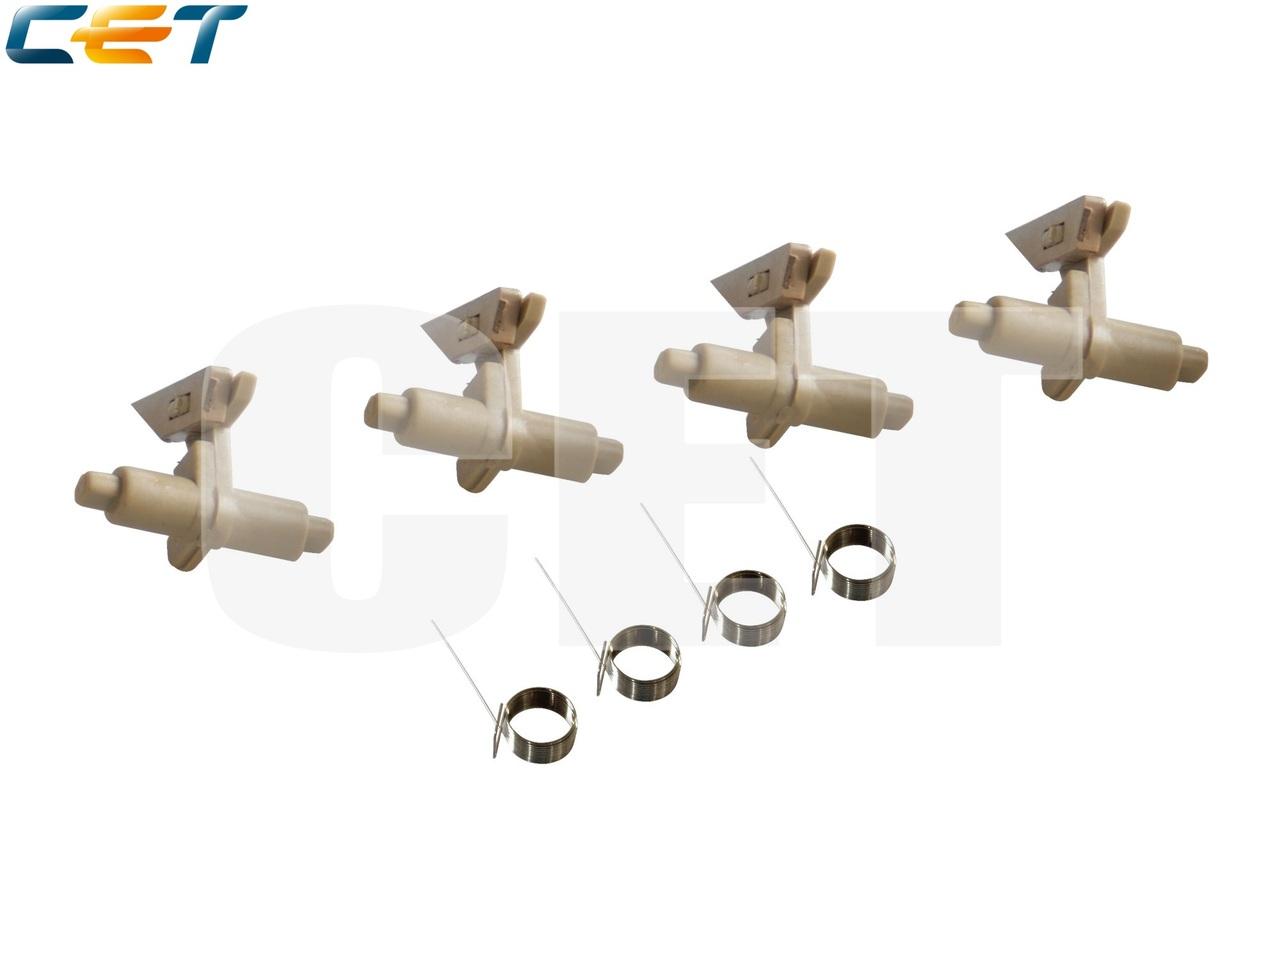 Сепаратор тефлонового вала с пружиной 2A820360 дляKYOCERA FS-1000/1010/1018/1020/1030D/1100/1300D (CET),CET7822